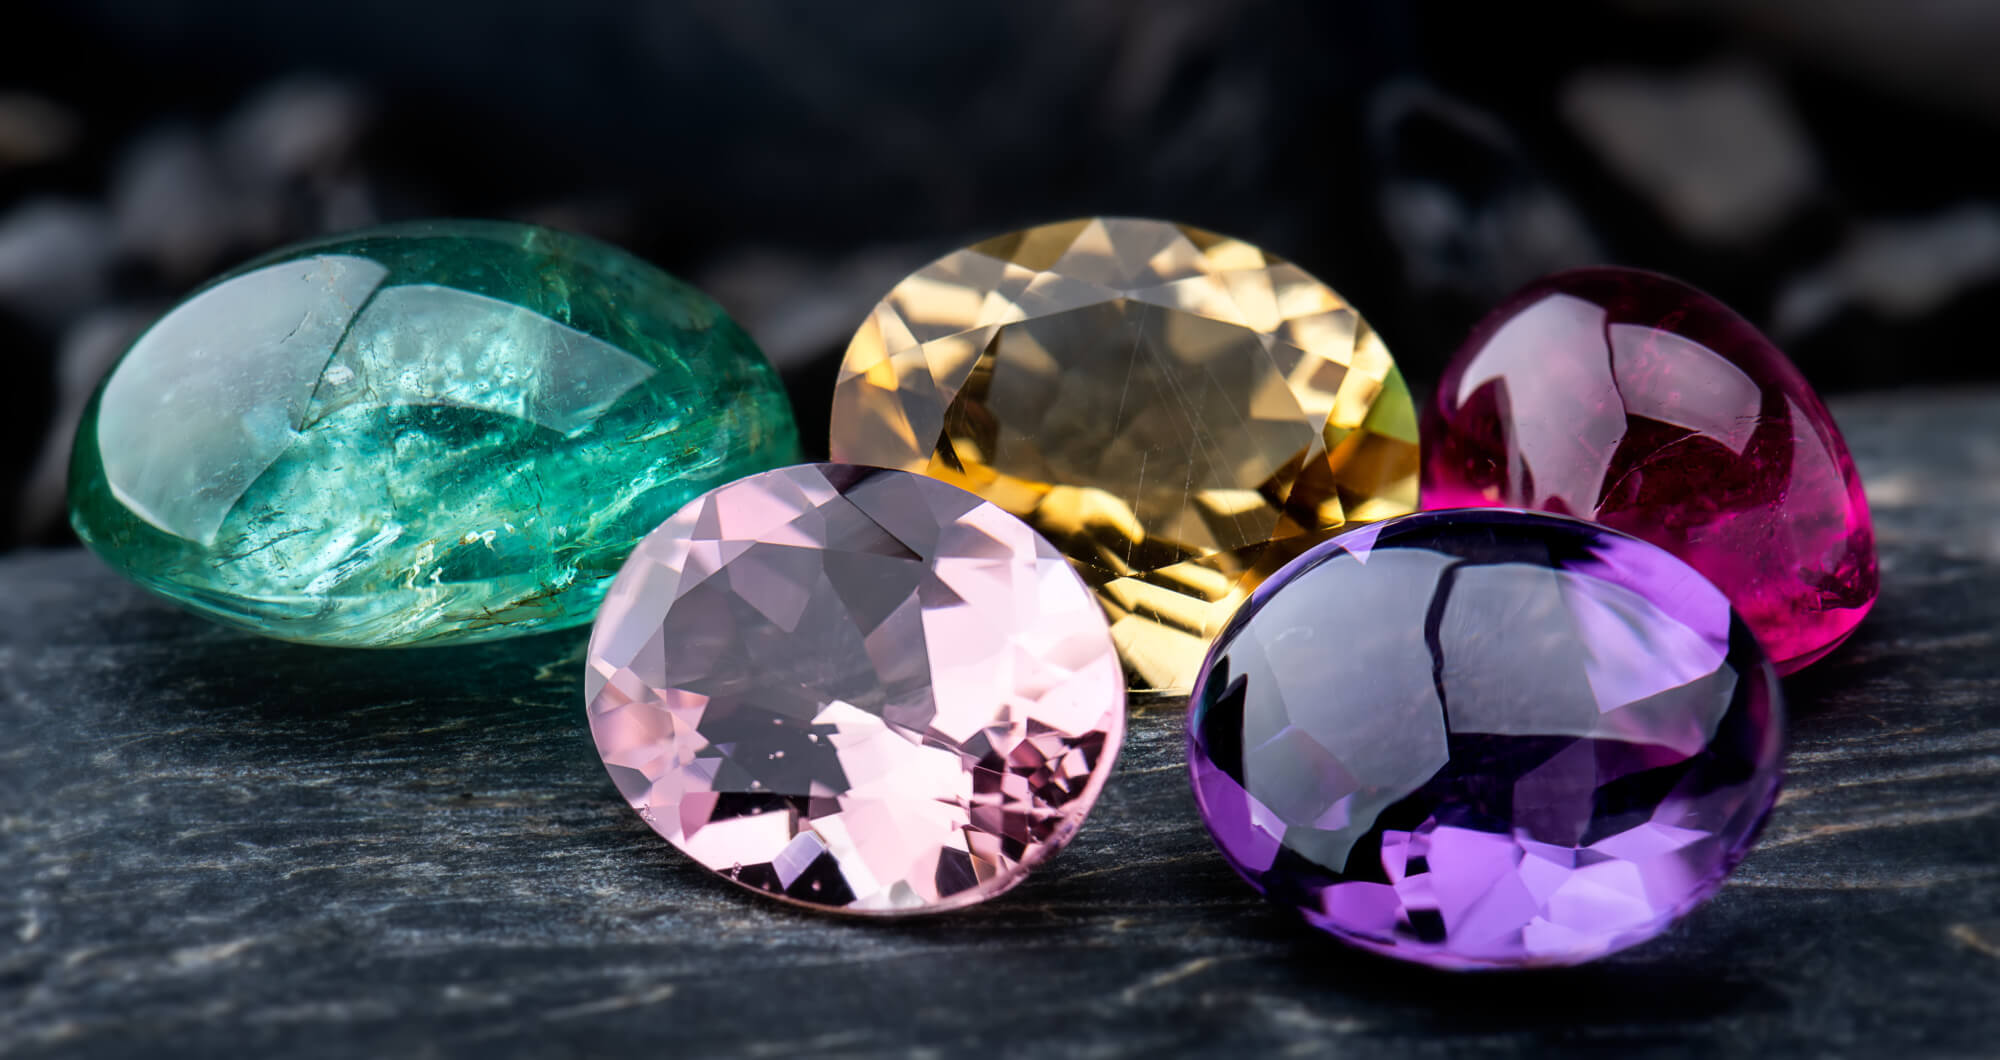 Kamienie szlachetne, wprowadzenie w świat najcenniejszych klejnotów